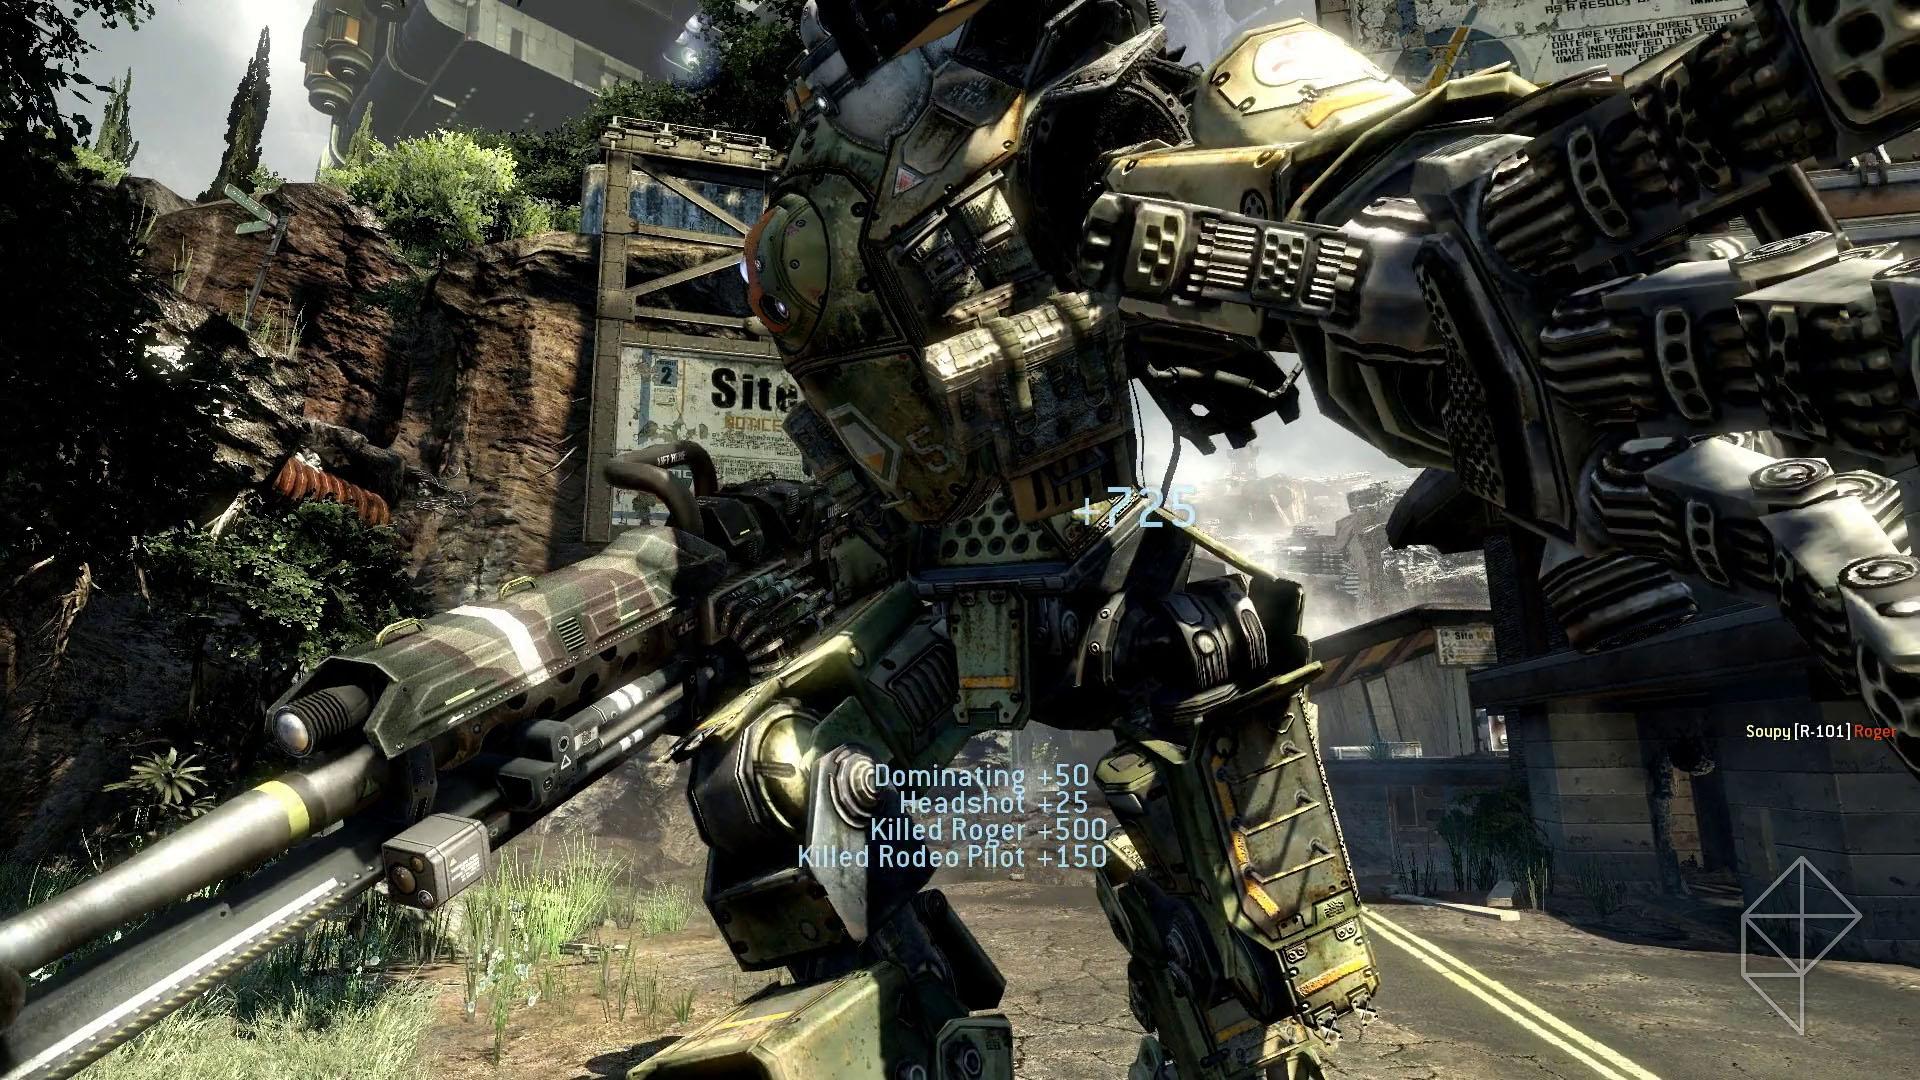 Next-Gen Gaming: Titanfall